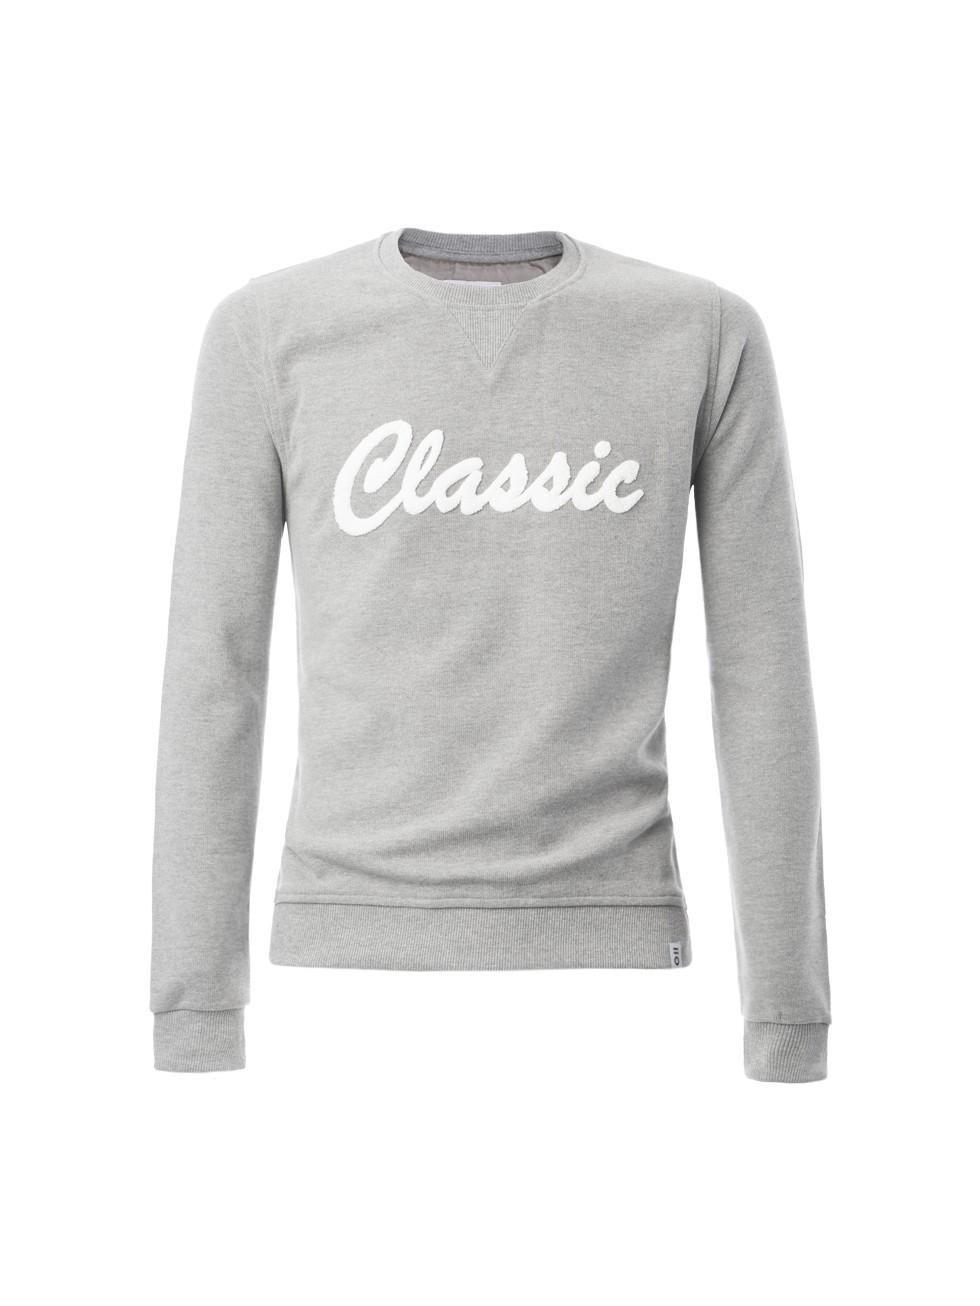 Sudadera Classic gris